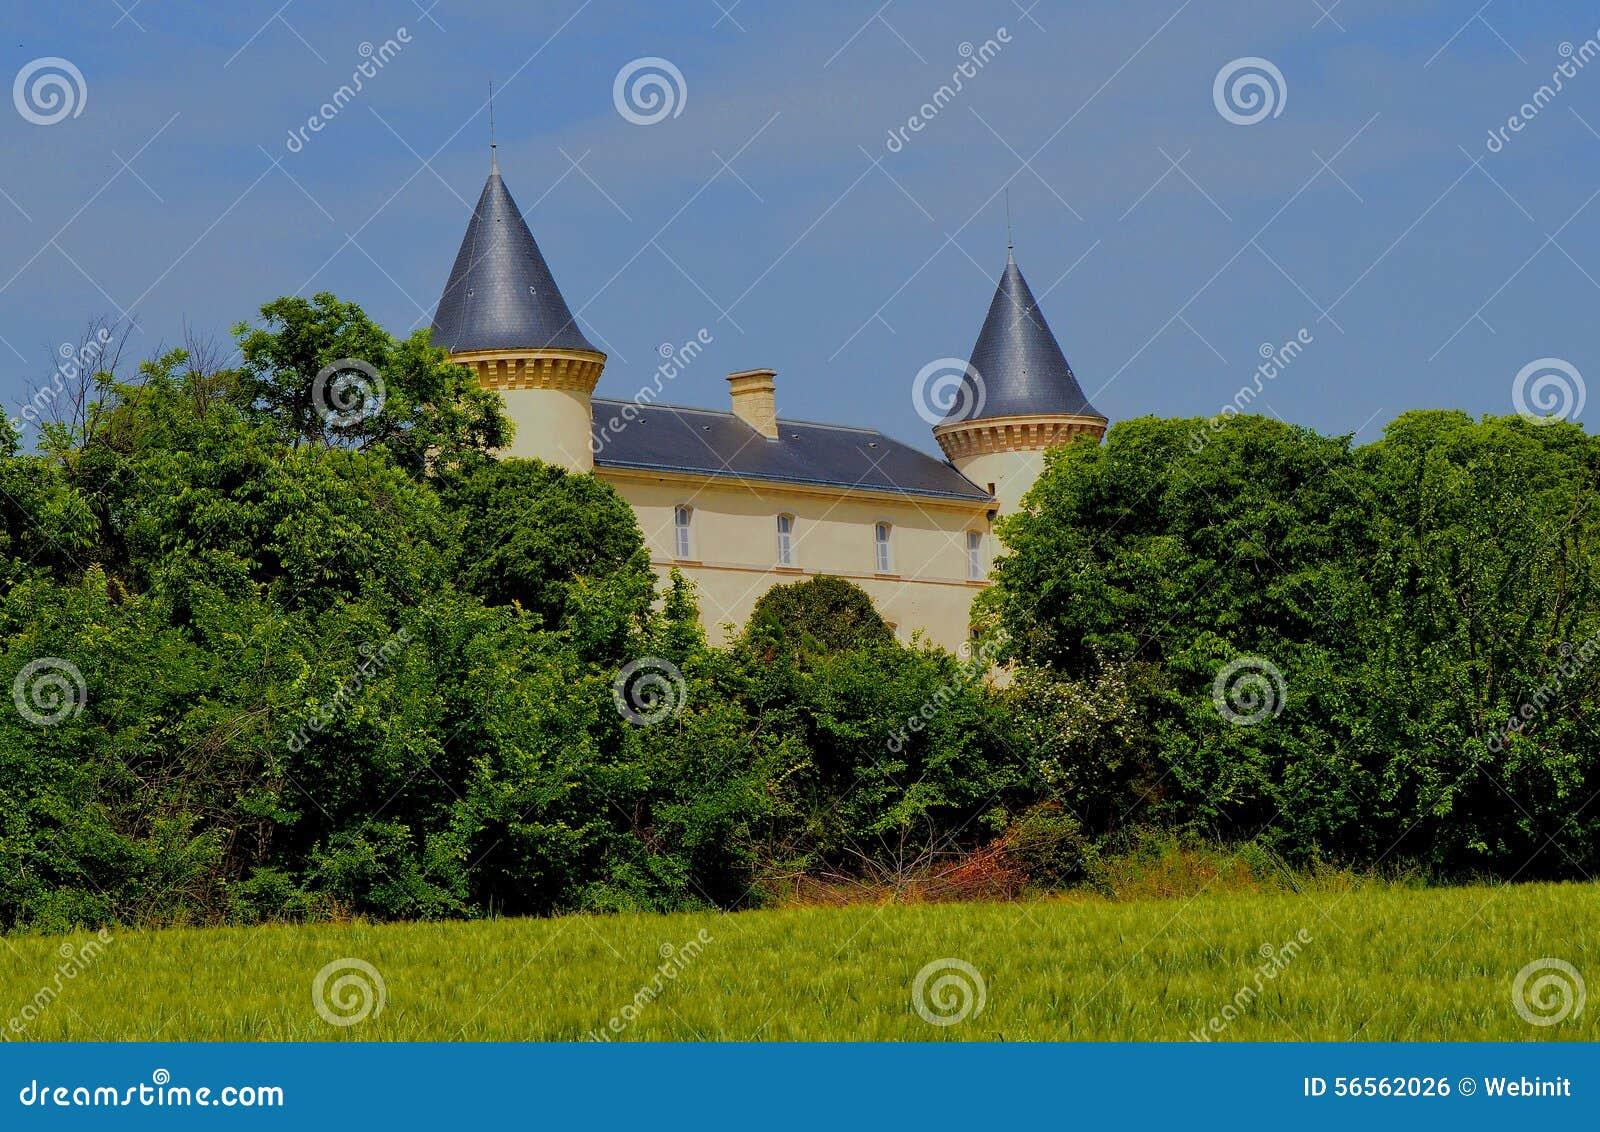 Download Castle στη νότια Γαλλία στοκ εικόνες. εικόνα από παλαιός - 56562026